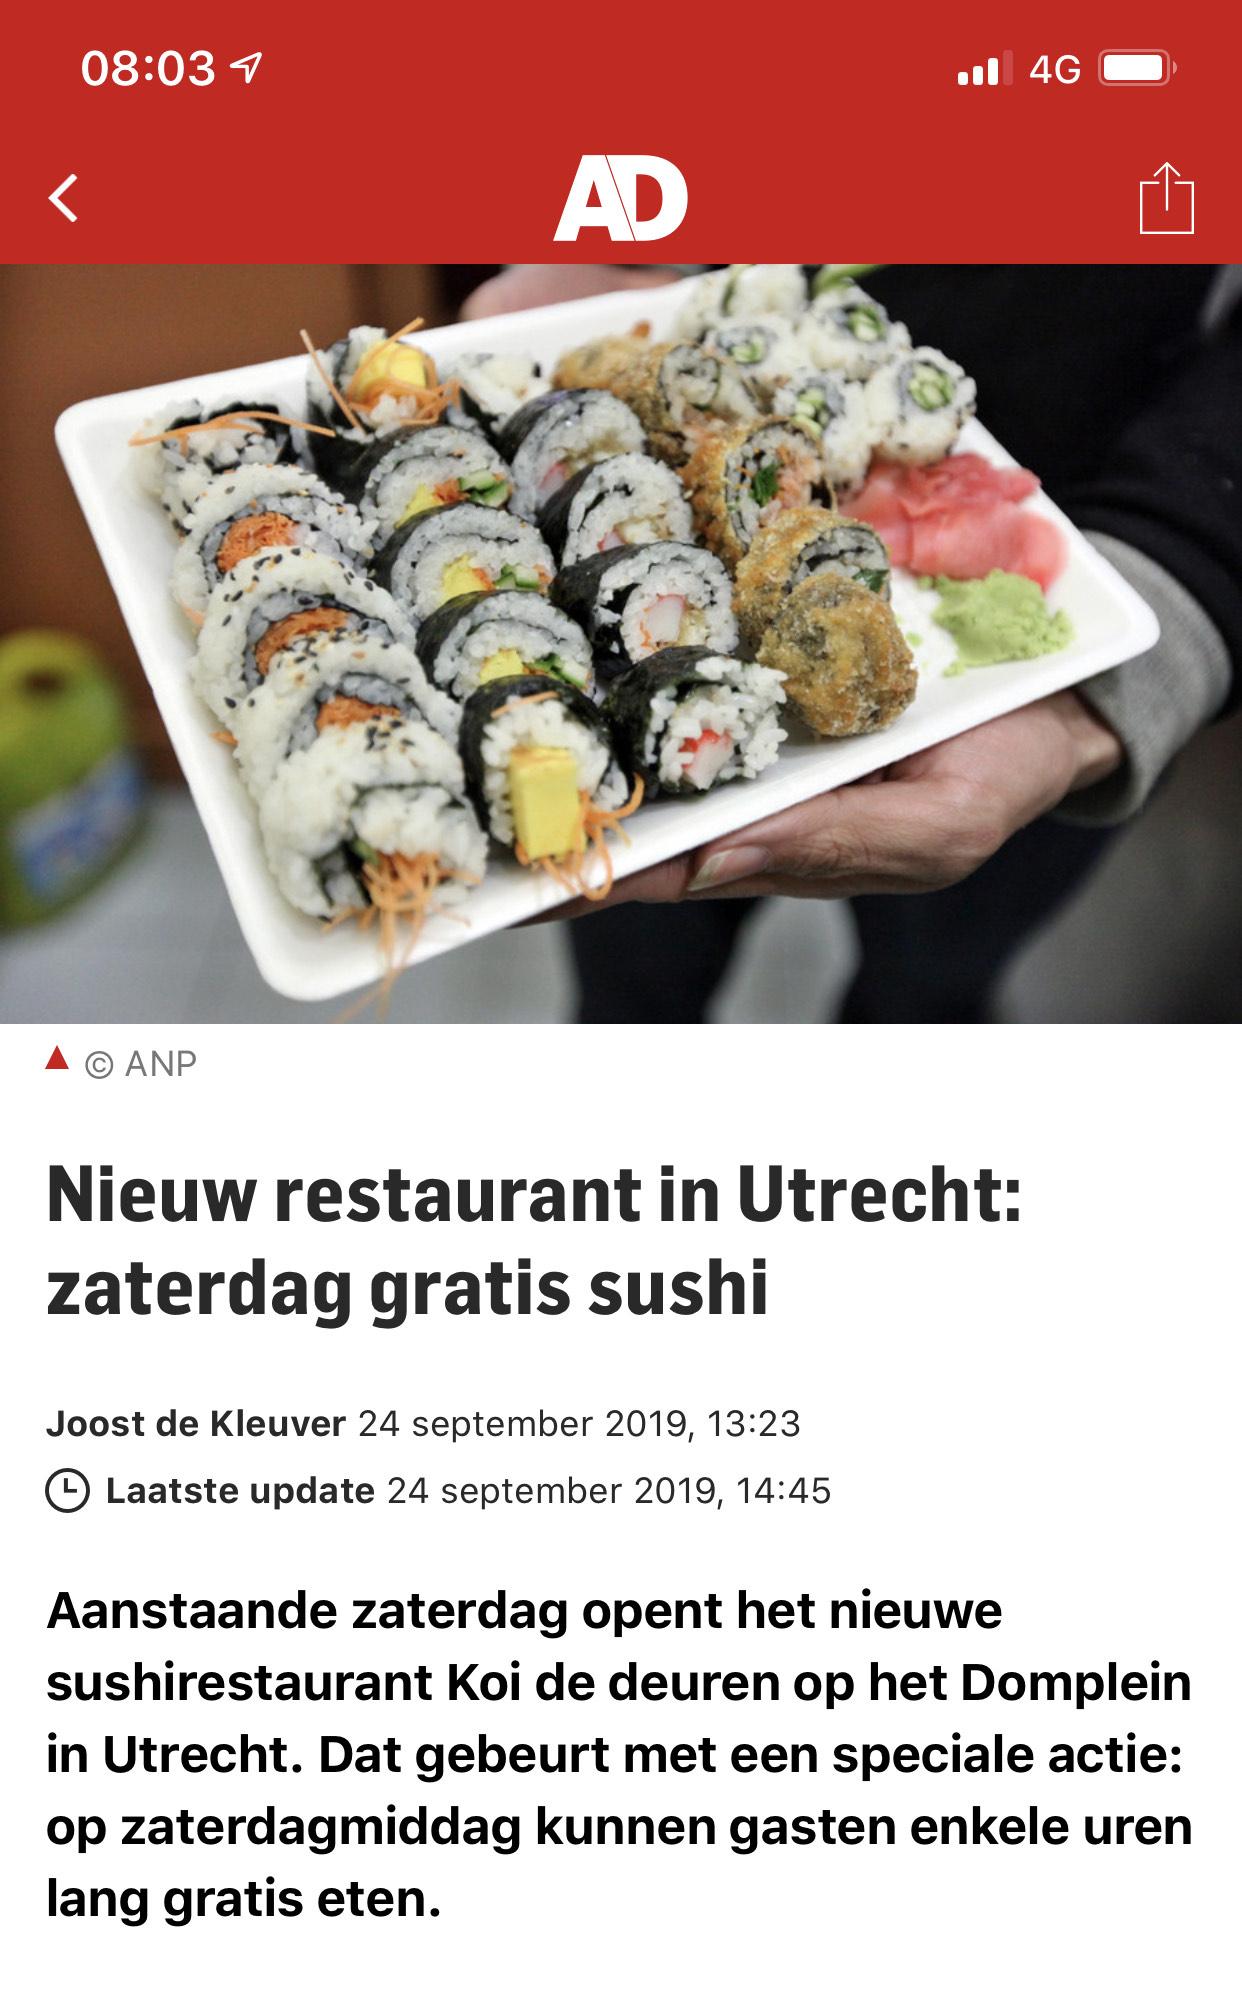 [LOKAAL] Zaterdag gratis sushi bij nieuw restaurant in Utrecht